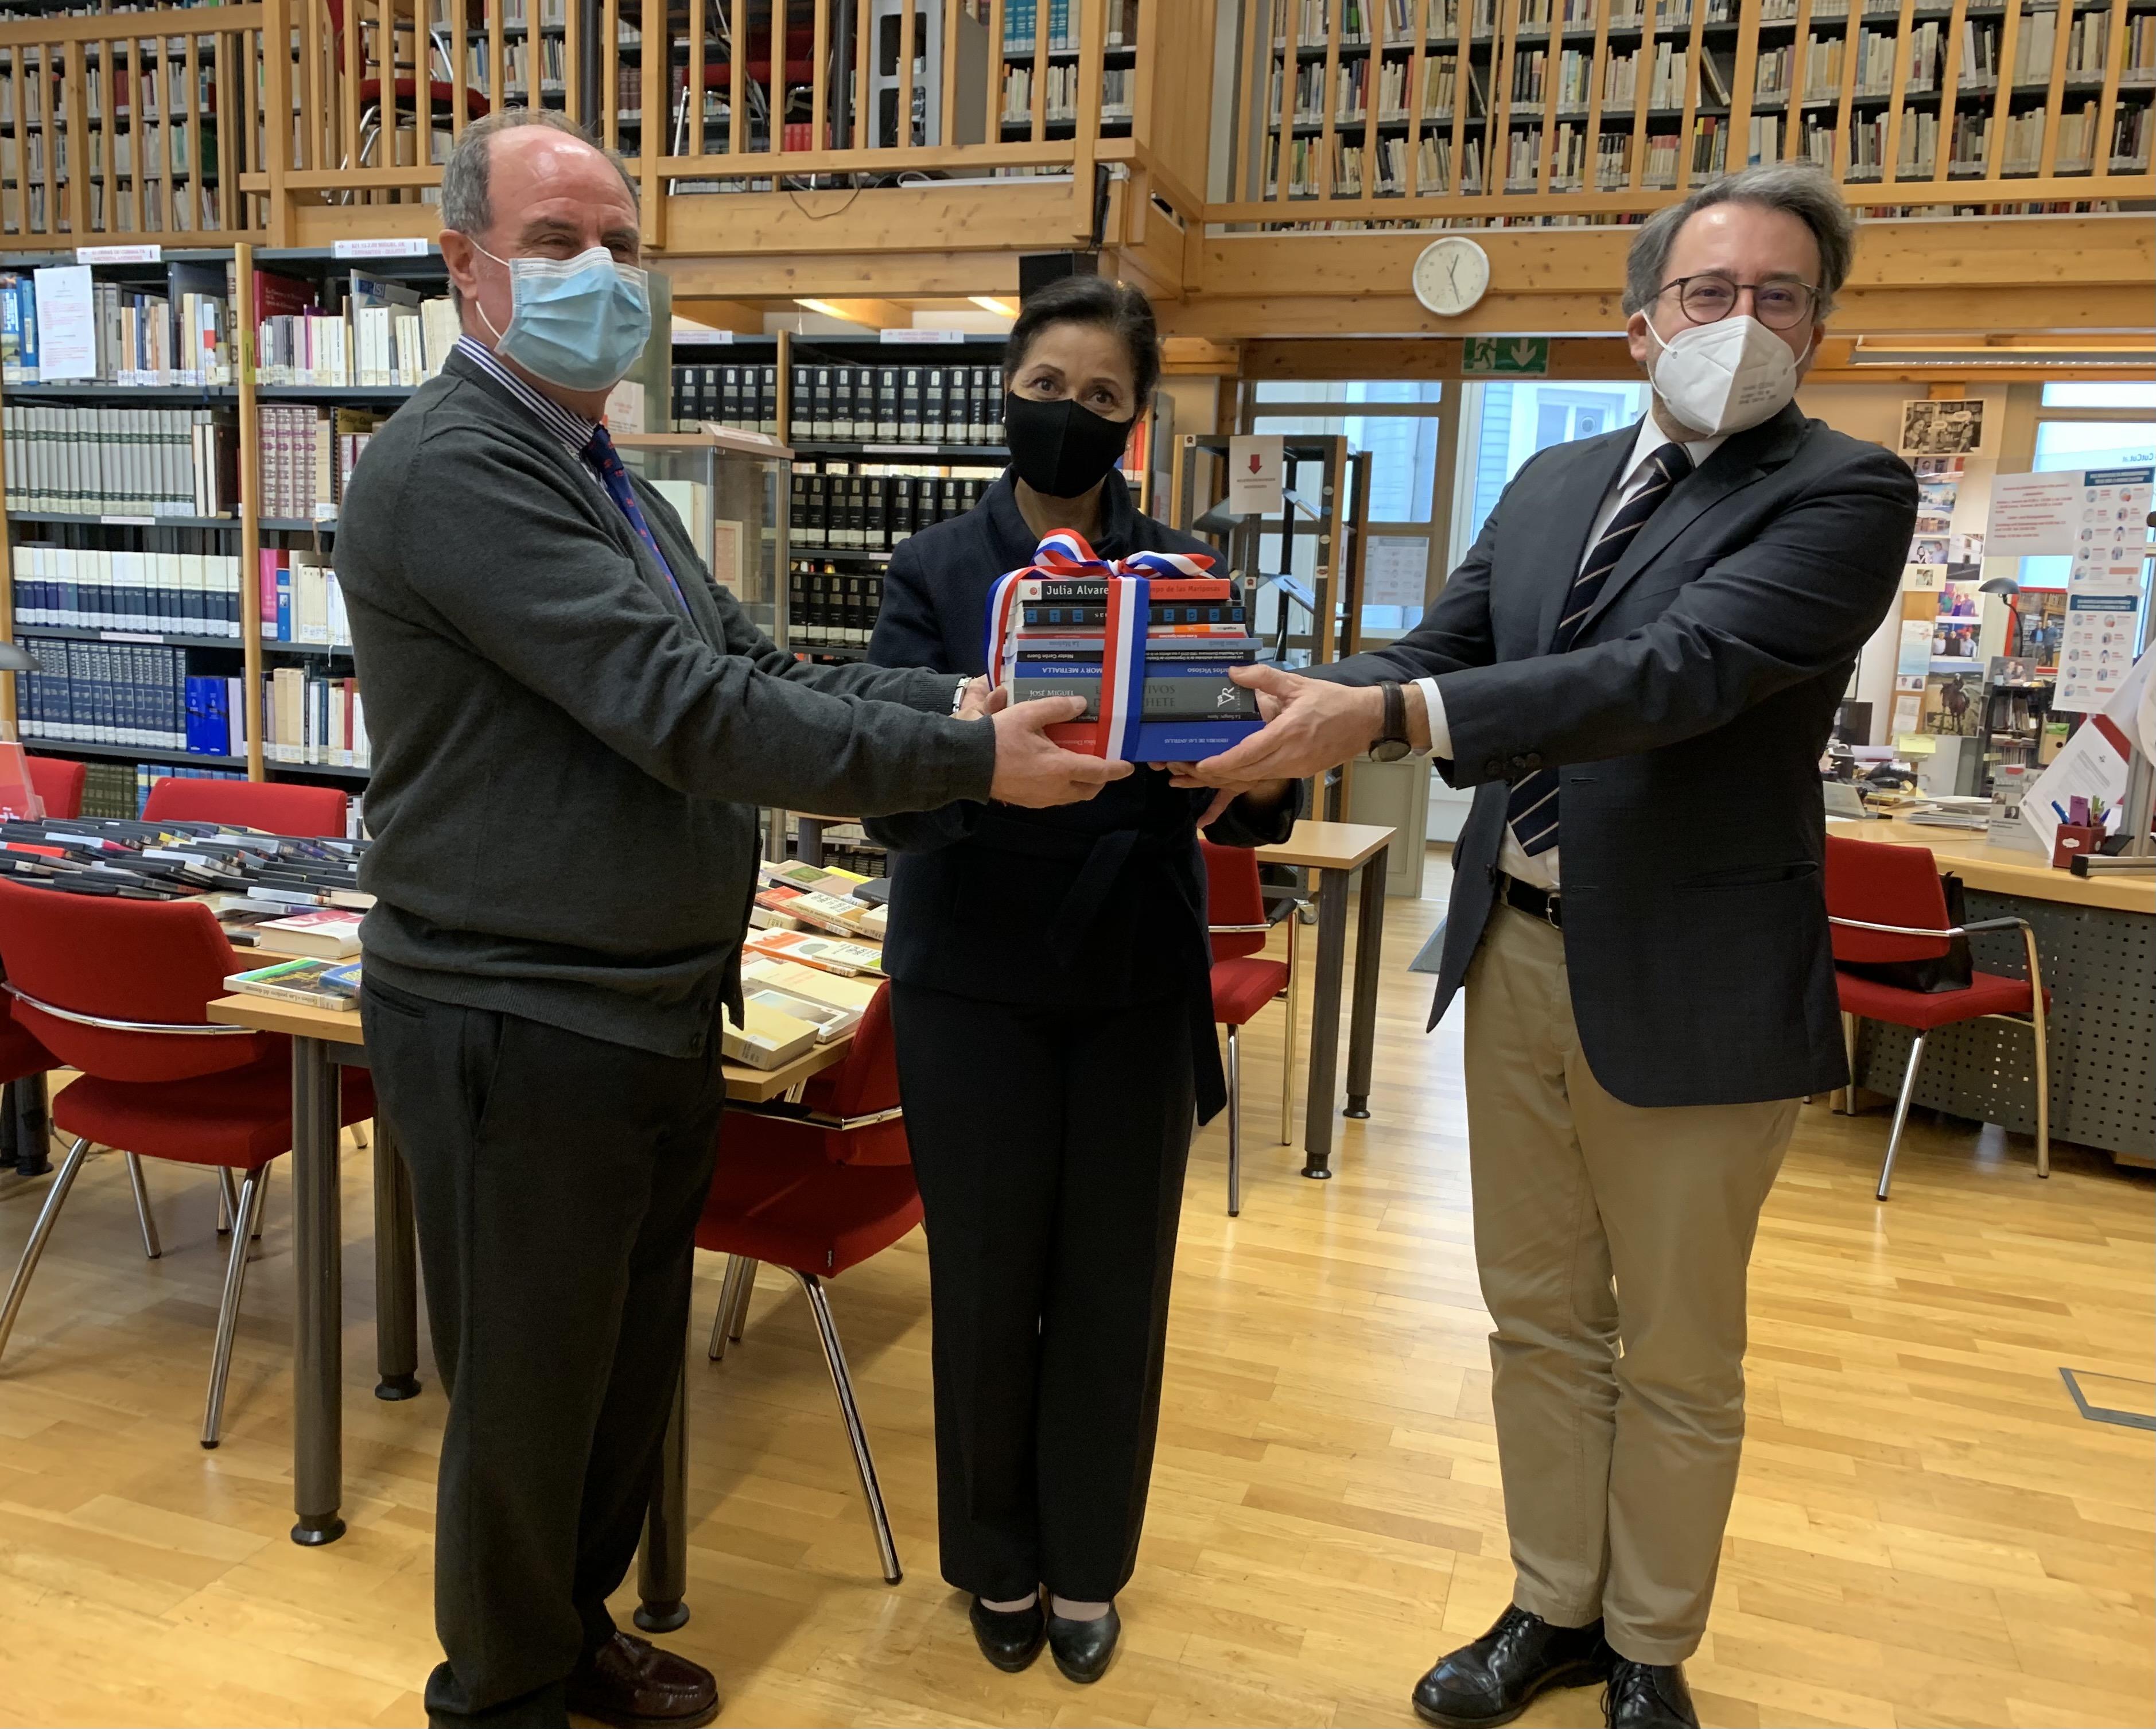 Embajada dominicana en Austria realiza donación de libros dominicanos al Instituto Cervantes de Viena